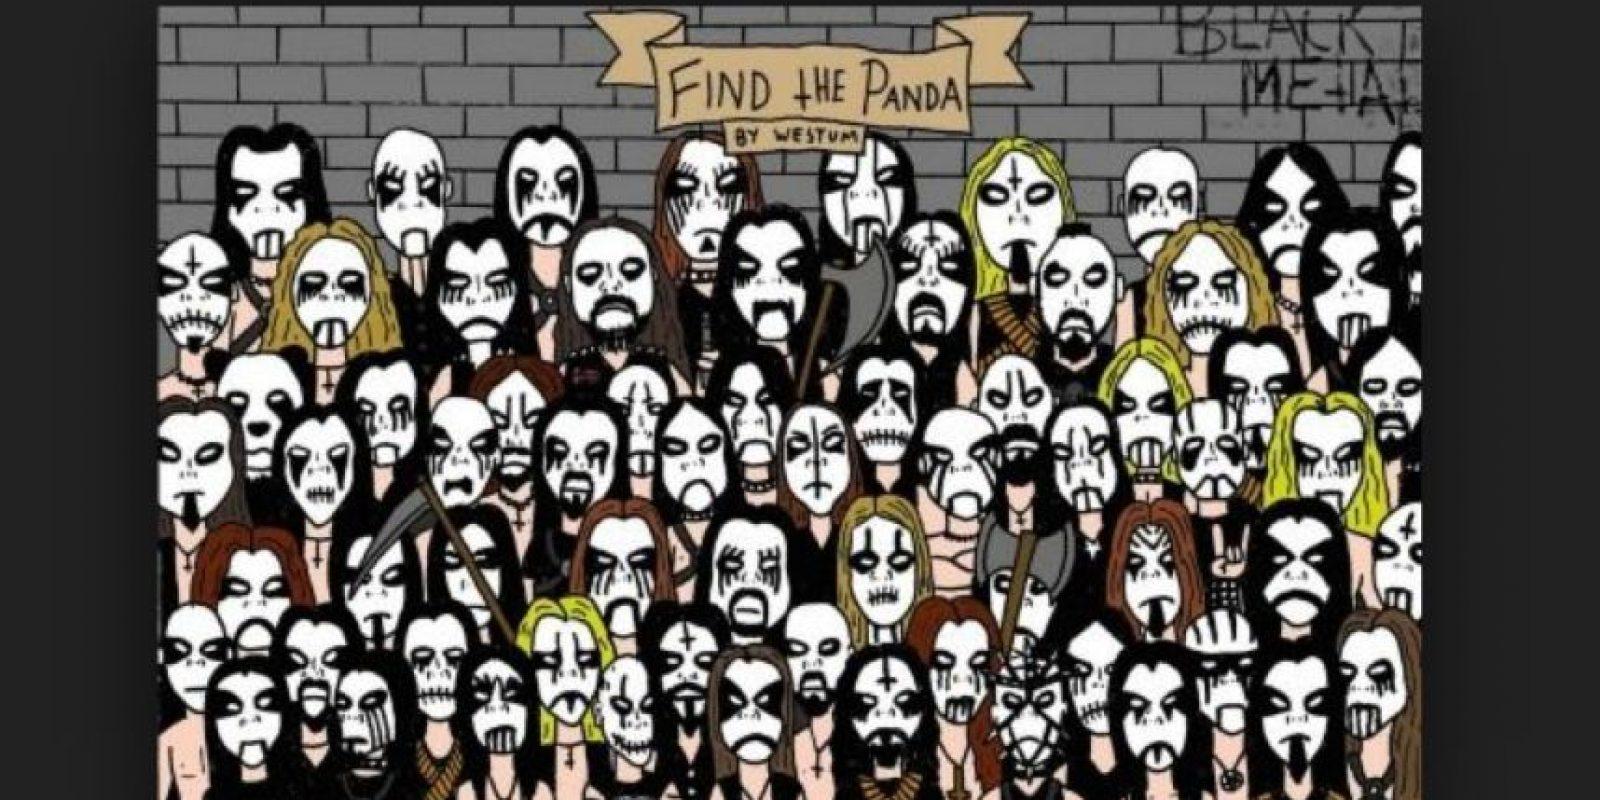 ¿Dónde está el panda metalero? Foto:Vía Twitter